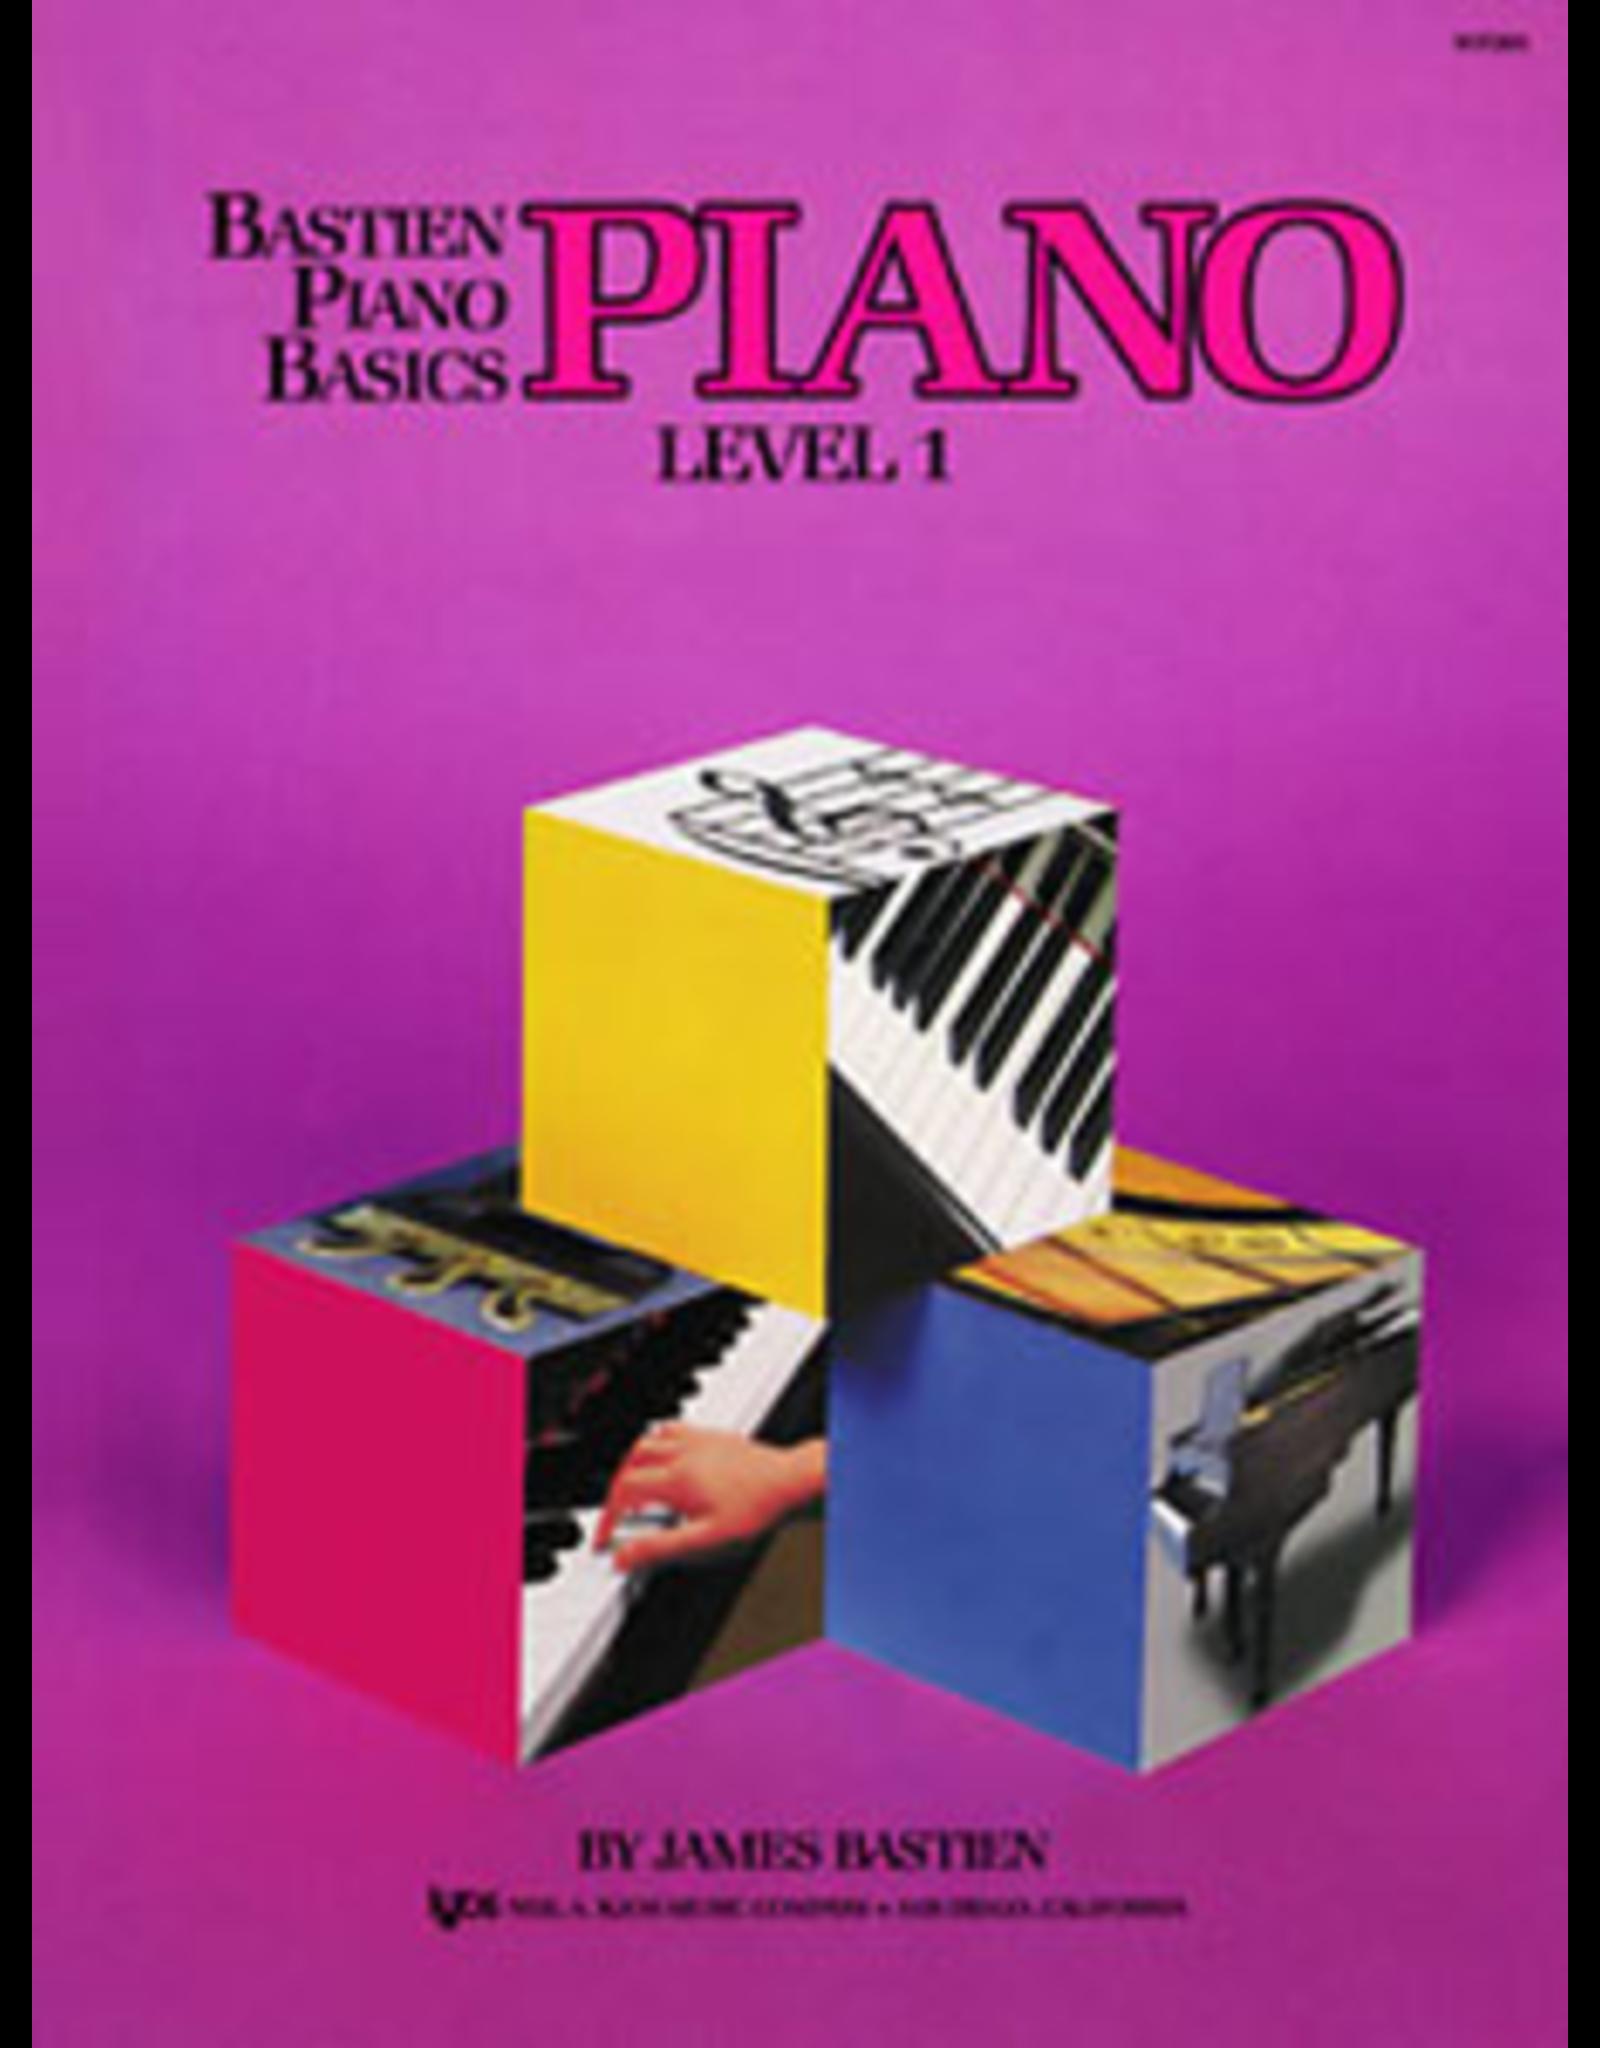 Kjos Bastien Piano Basics Piano Level 1 *